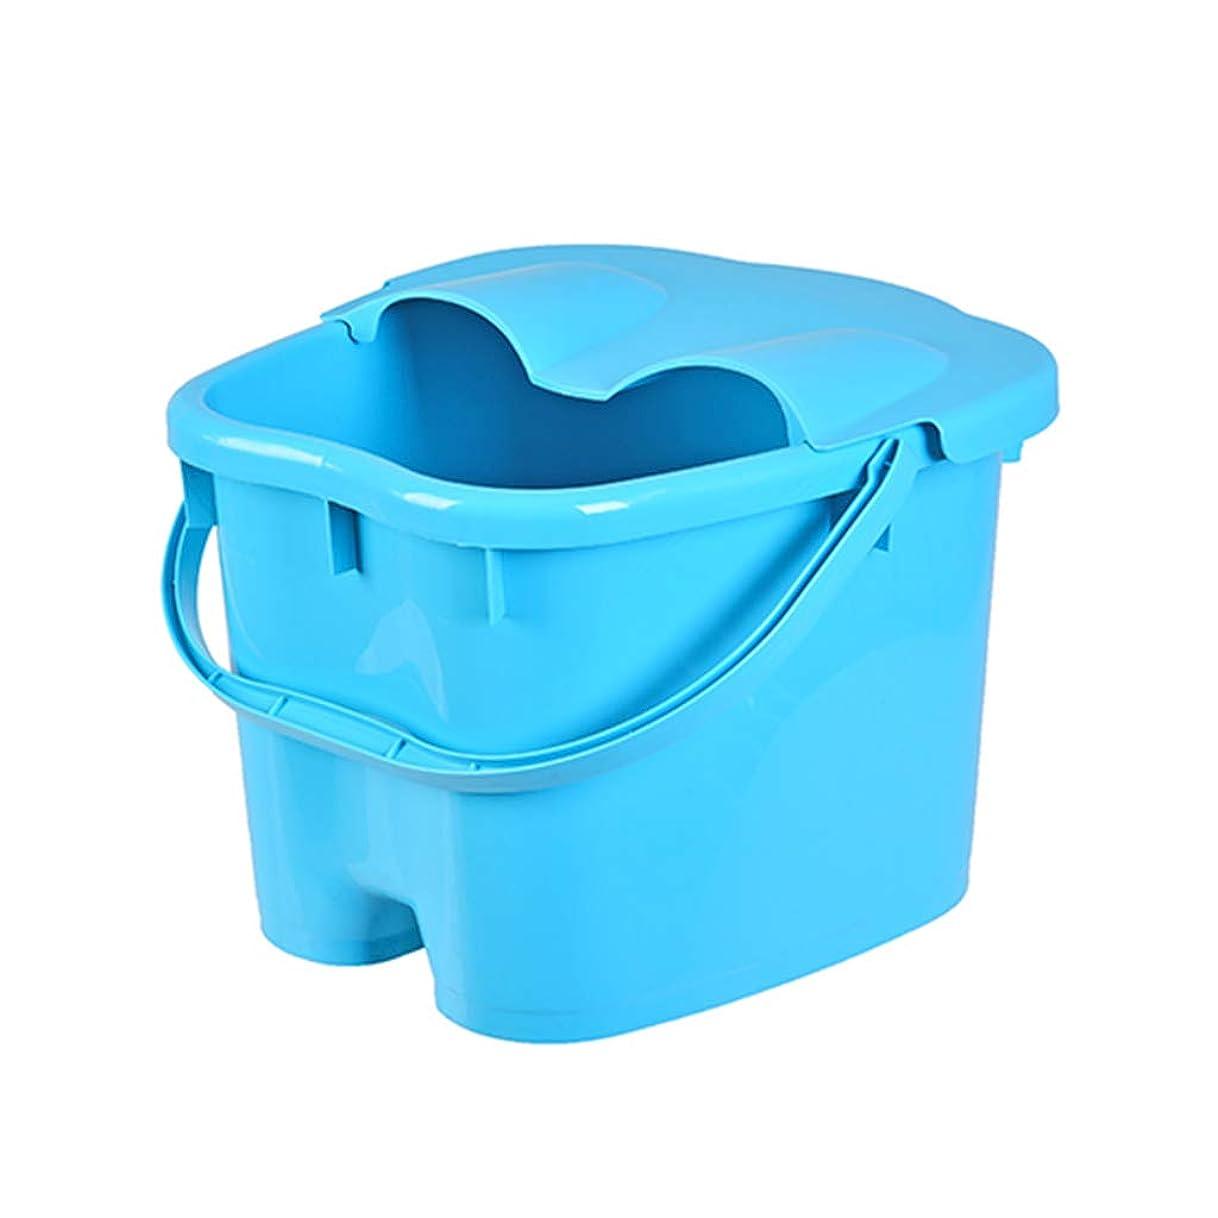 挽く不良音声足の熱保存のマッサージ浴槽の高さのフィートの洗面器が付いている携帯用フットバスのバケツ (Color : Blue, Size : 23cm high)